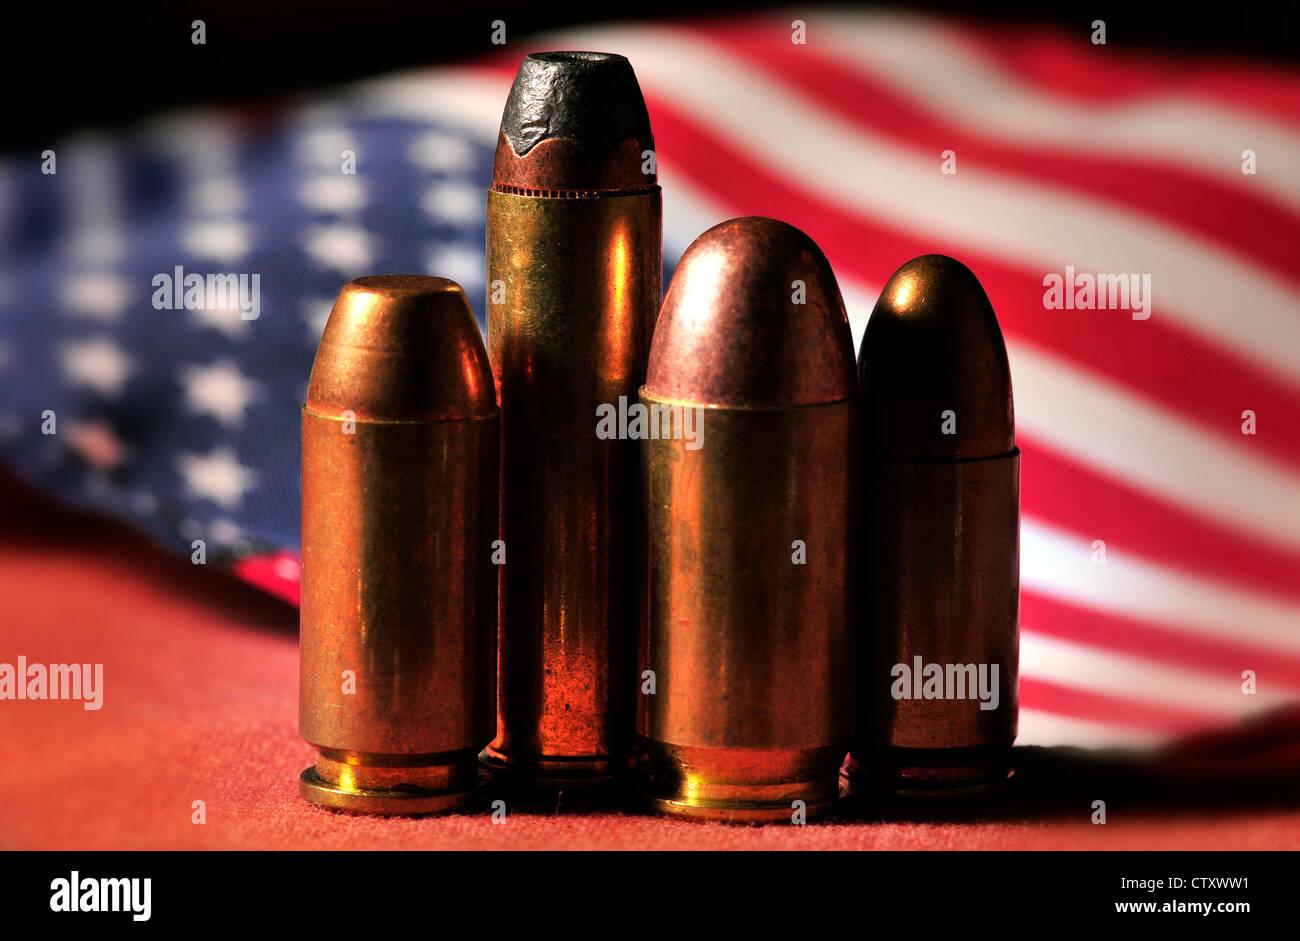 Merce non sbarcata tornate da pistole con una bandiera americana. Immagini Stock